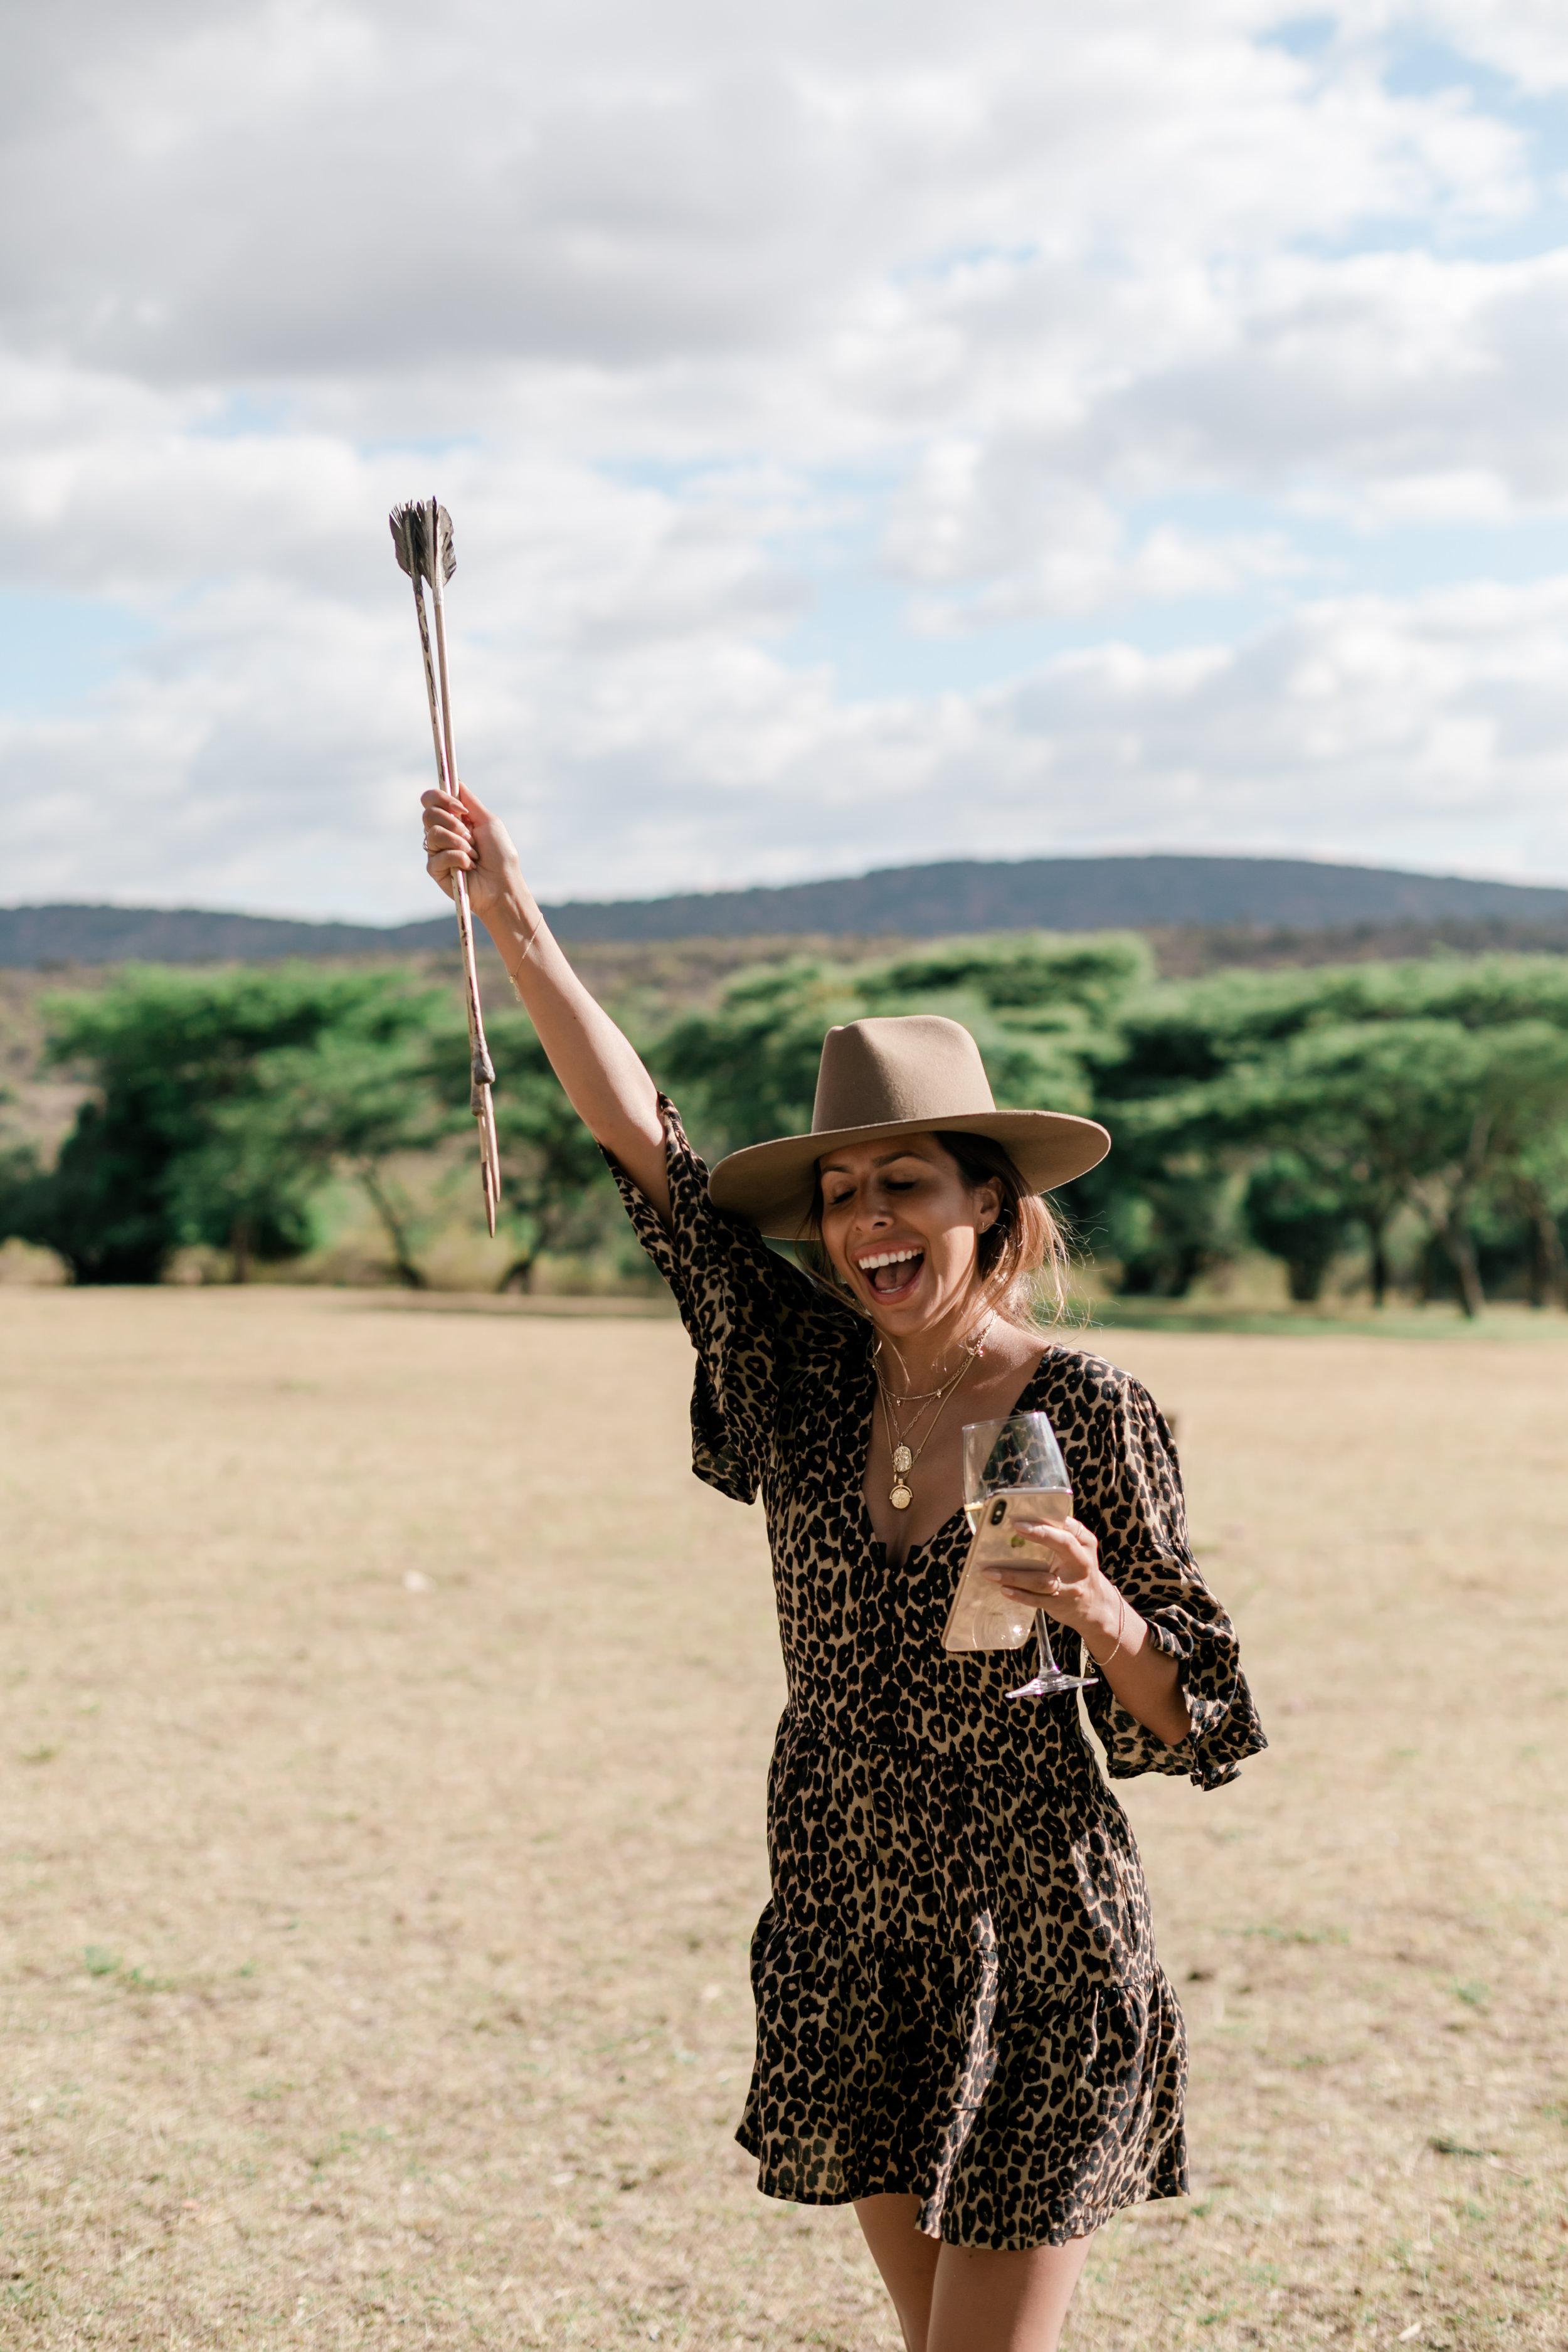 Everyday Pursuits - Safari in Kenya Ph. Valorie Darling